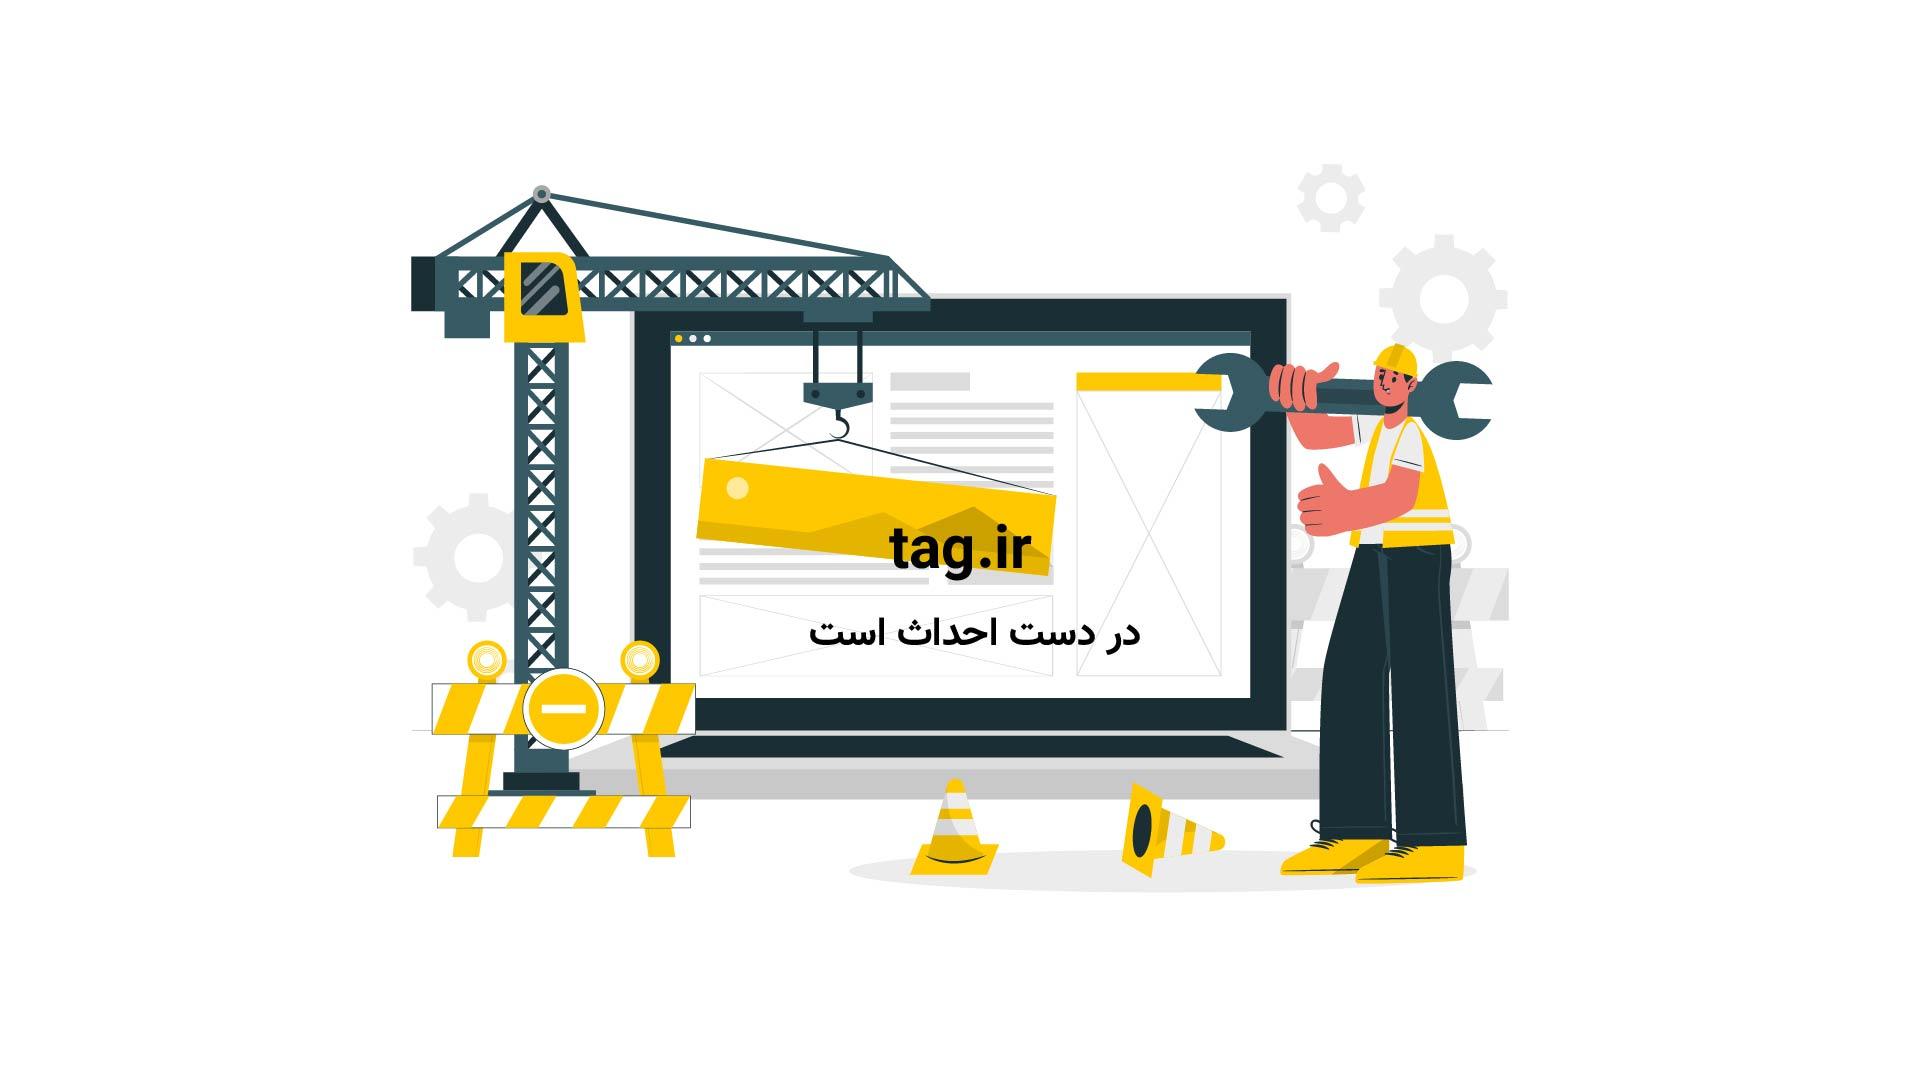 آموزش رسم سه بعدی روزنامه بر روی کاغذ | فیلم